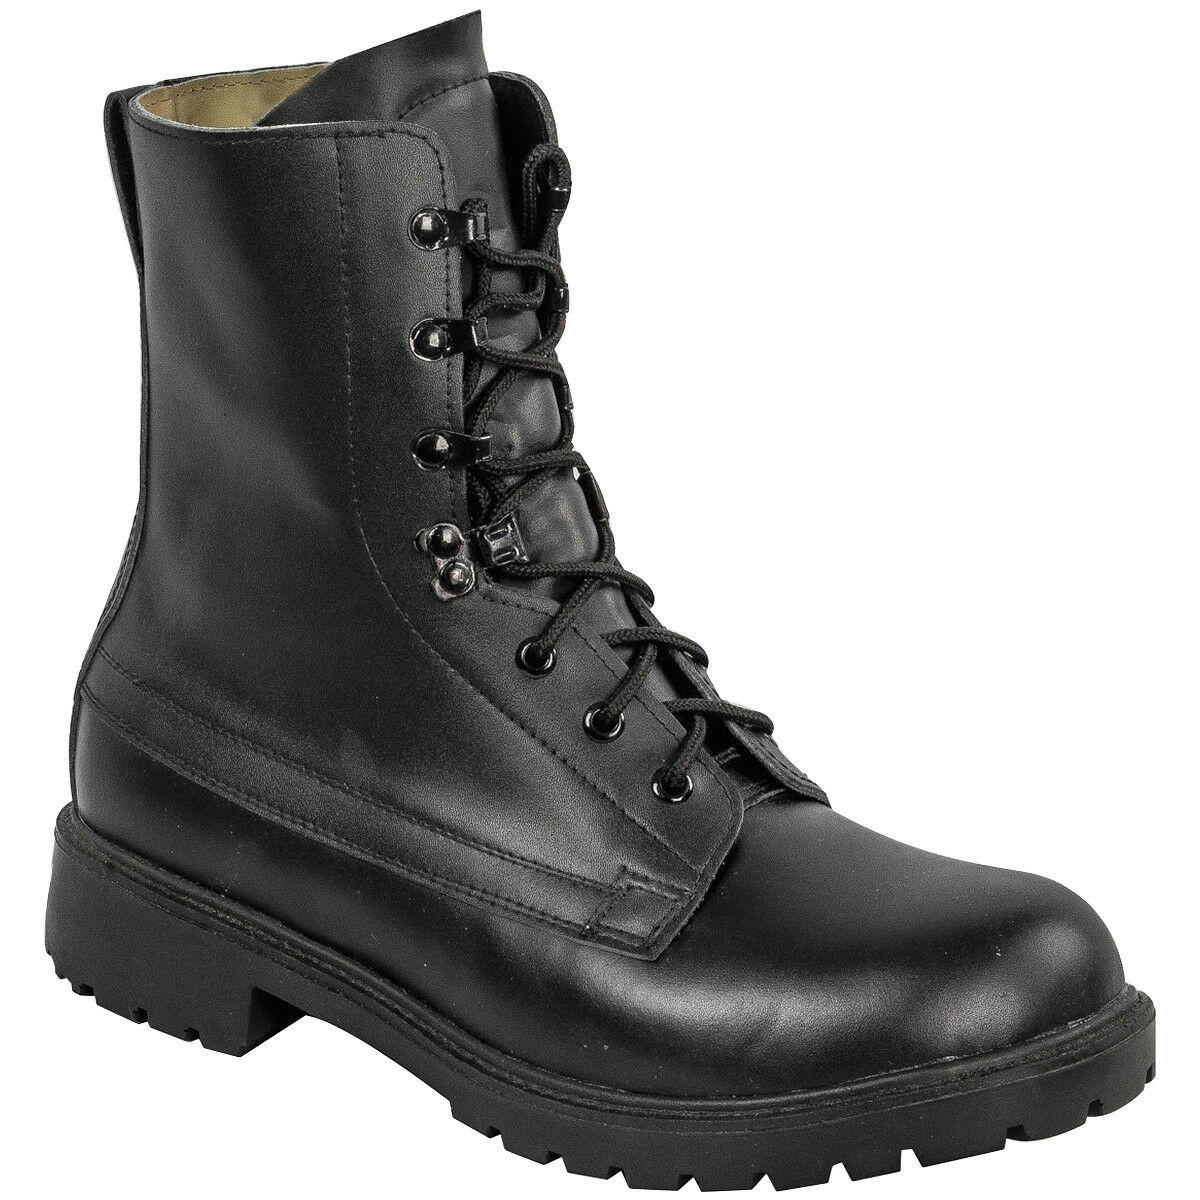 Highlander Ranger Asalto botas Cuero Táctico Combate Ejército De Hombres Calzado